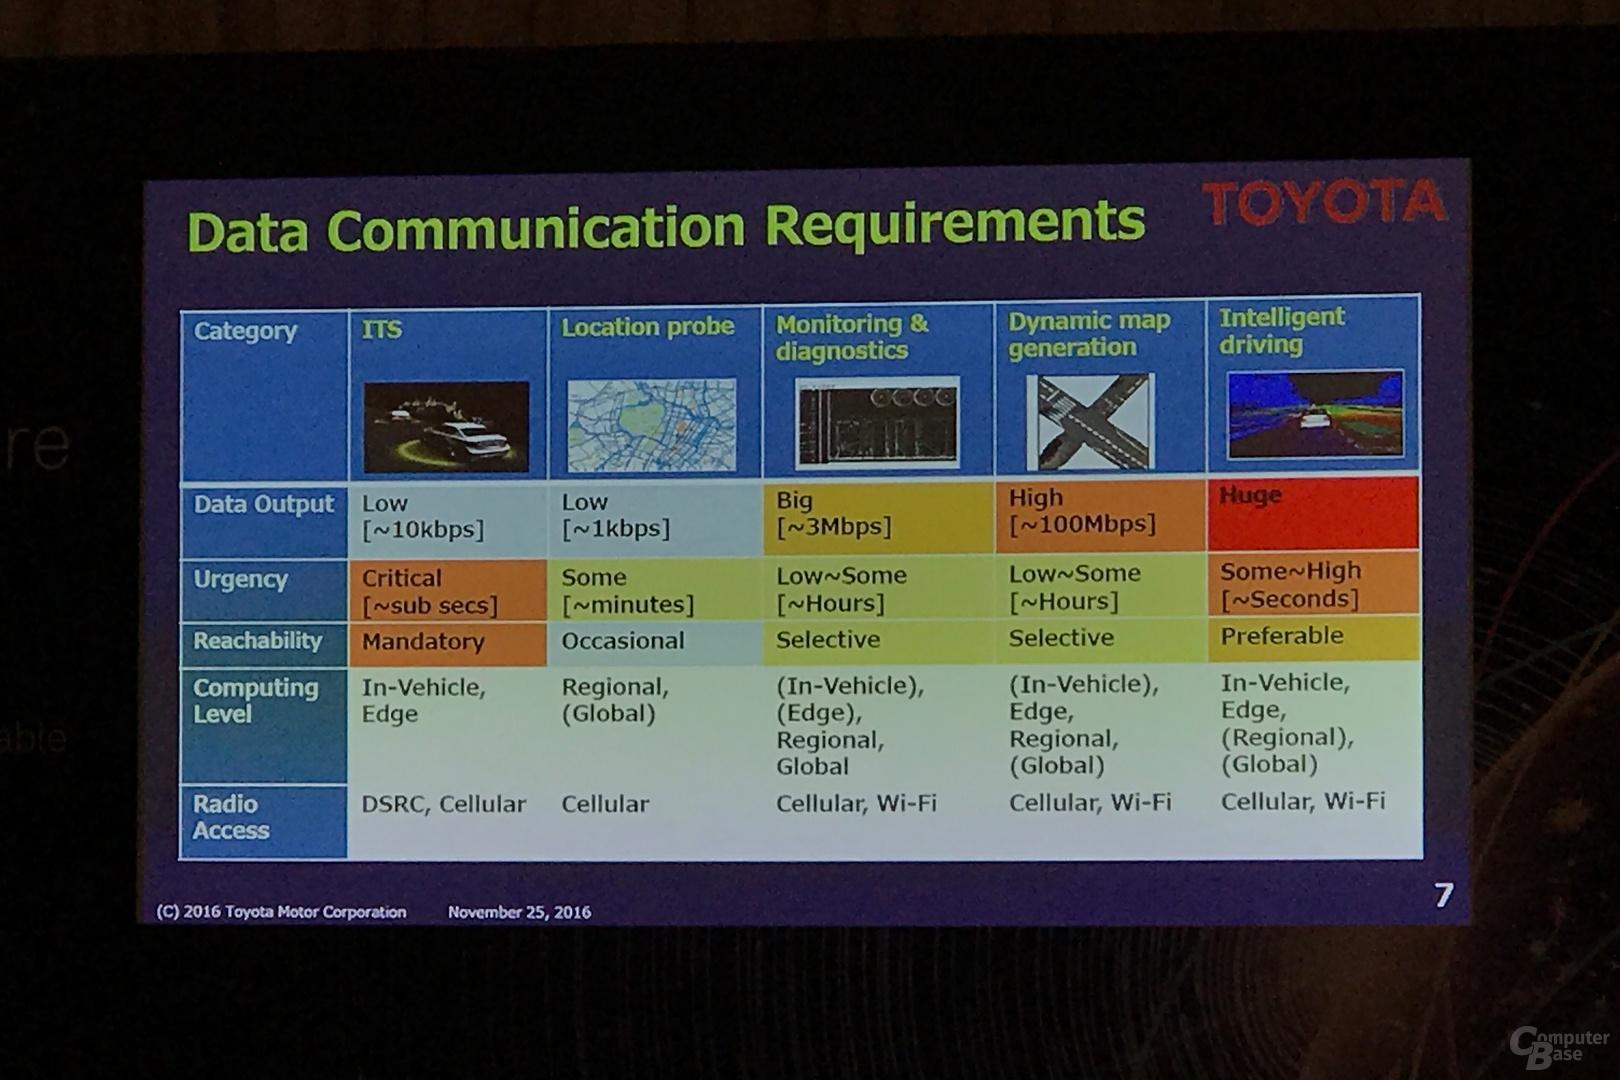 Toyota rechnet mit enormen Datenmengen für intelligente Fahrzeuge